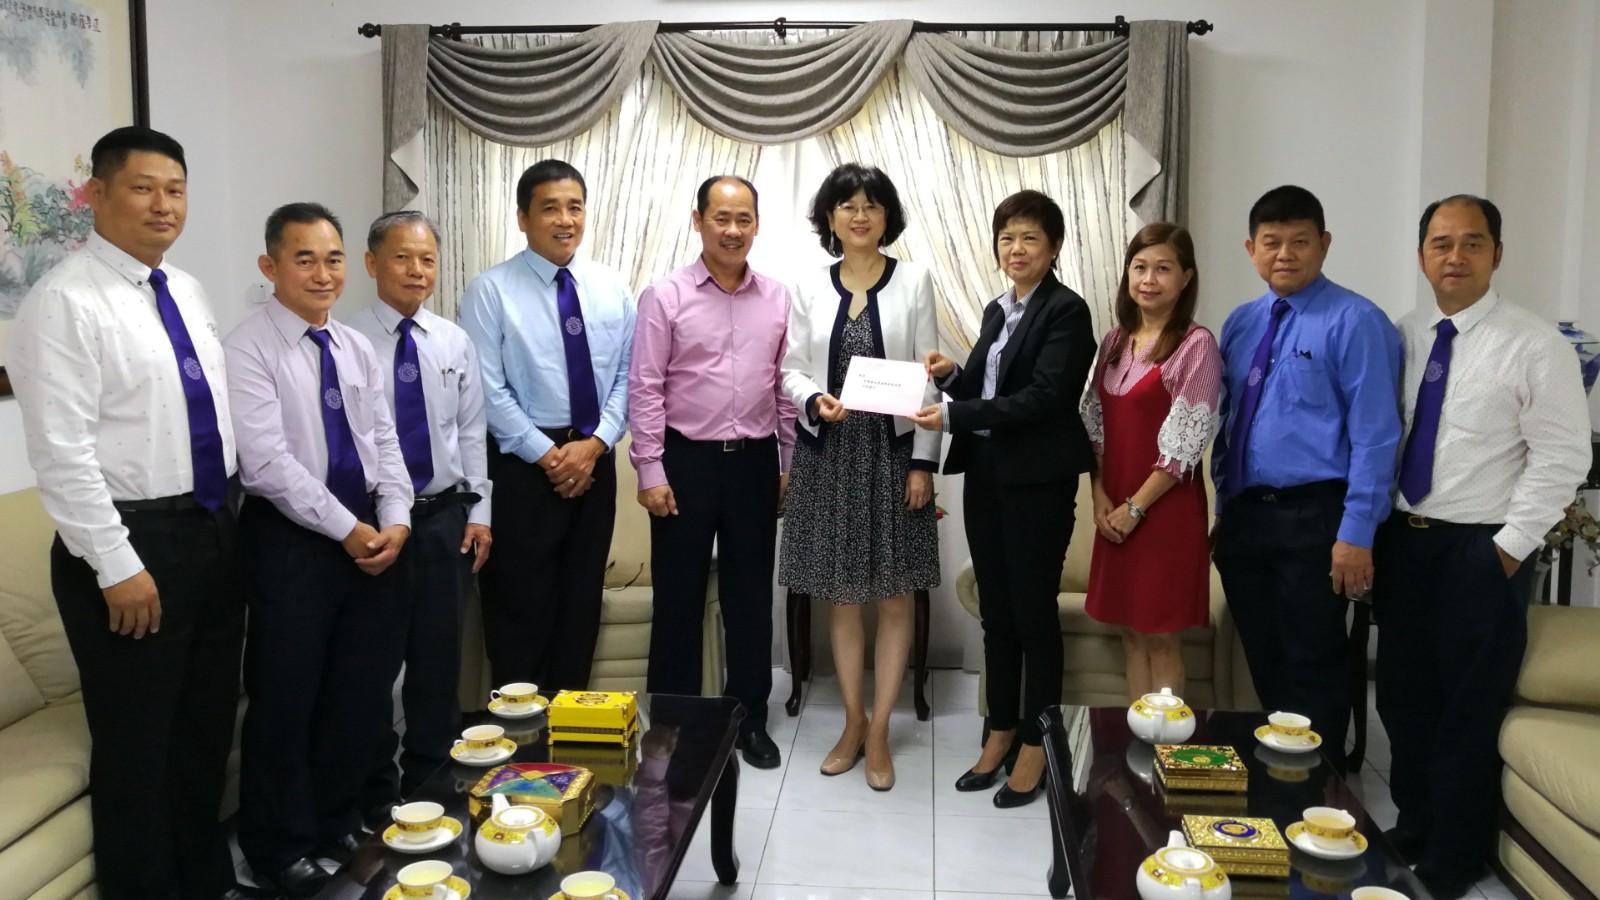 中国驻文莱大使于红会见文莱福州十邑同乡会一行